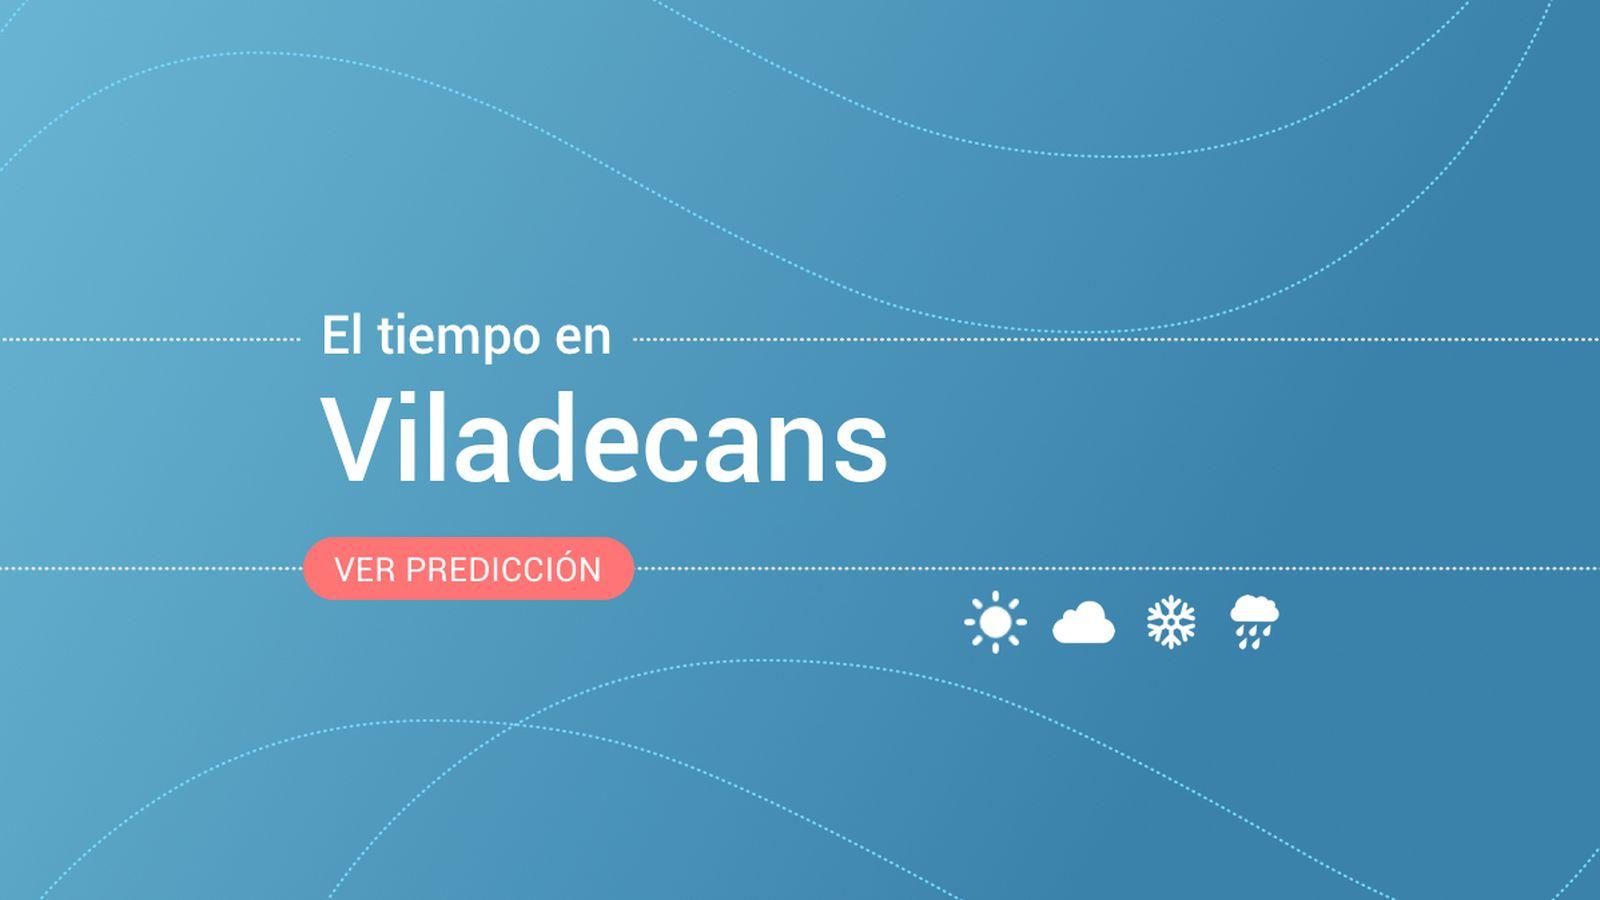 Foto: El tiempo en Viladecans. (EC)